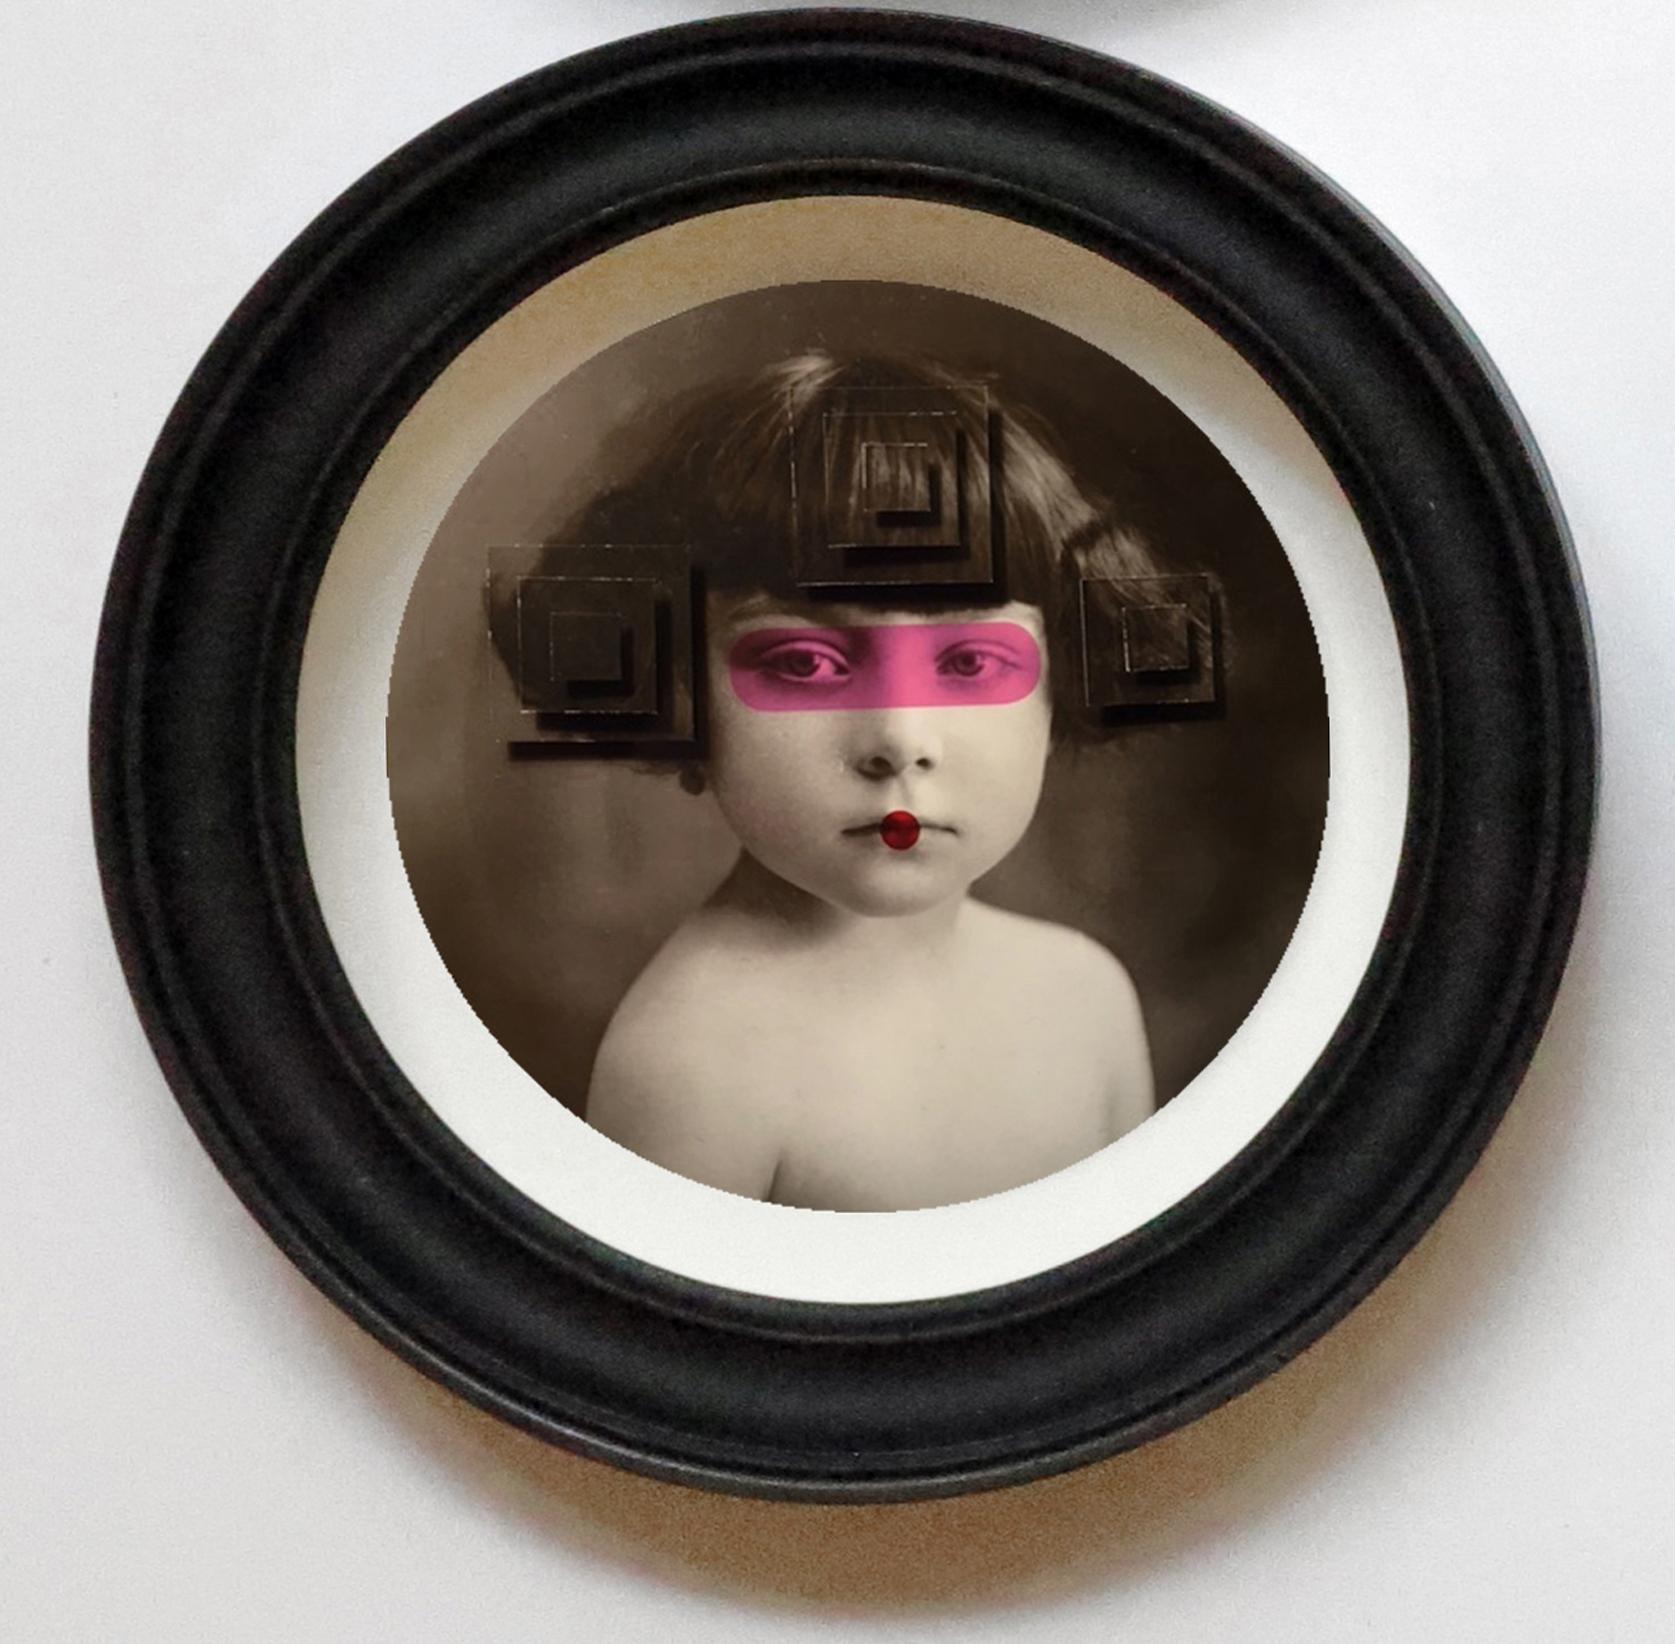 22. Galleria-l'Affiche_Alfred-Drago-Rens_La-Petite-Gau#2_2016_24x24 cm .jpg